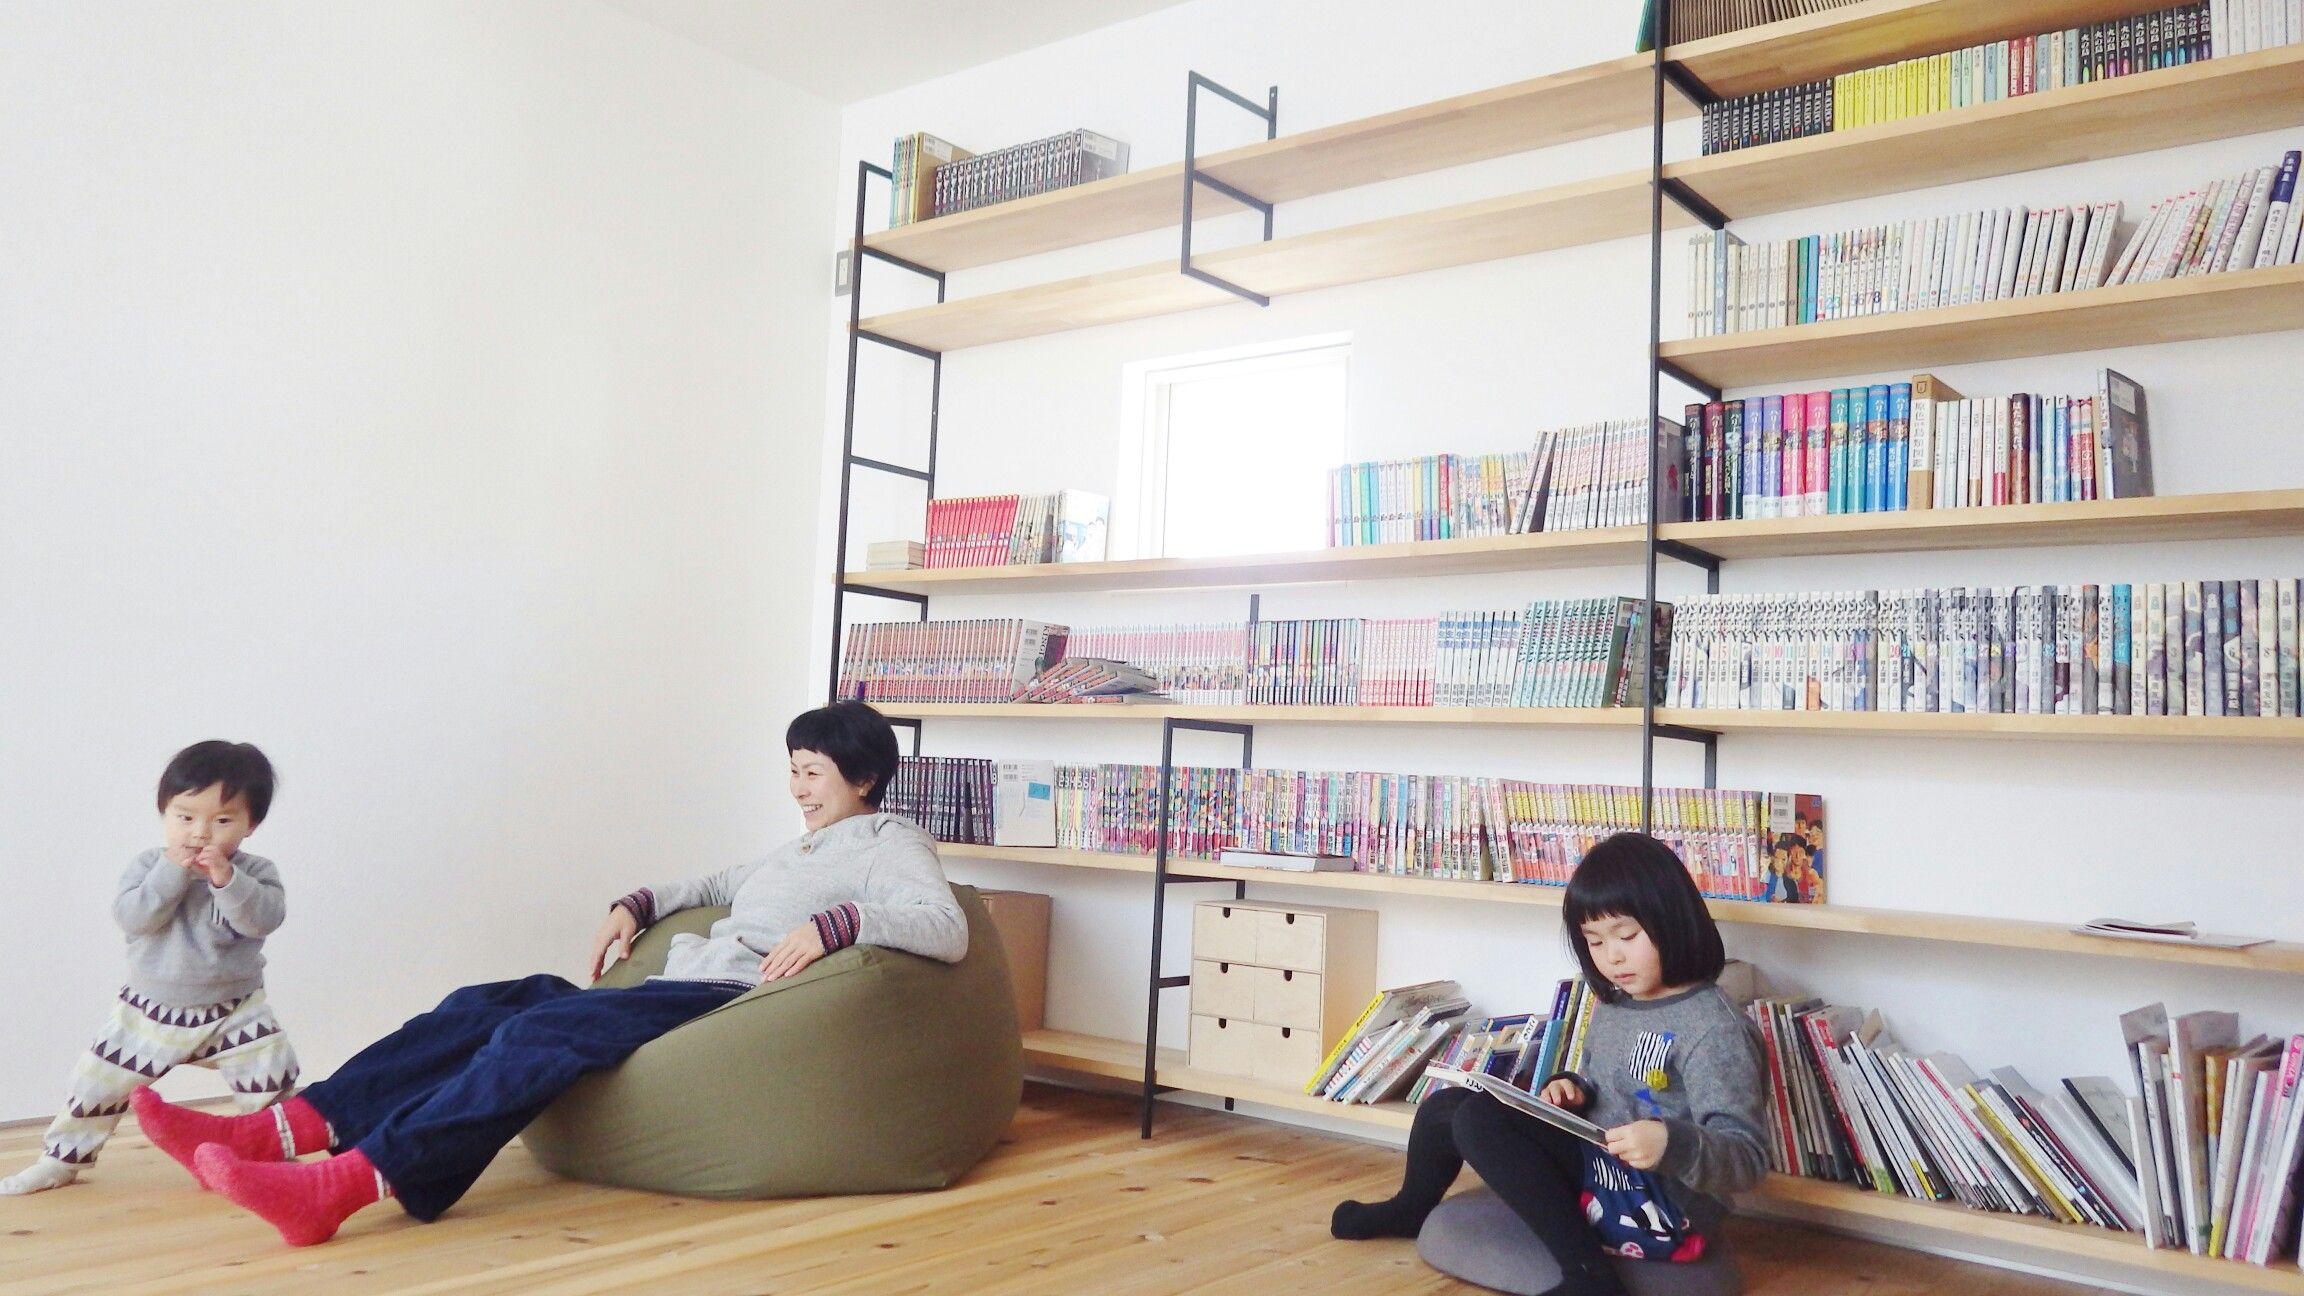 広い壁一面のおうち図書館 ディーズスタイル フリースペース 暮らし